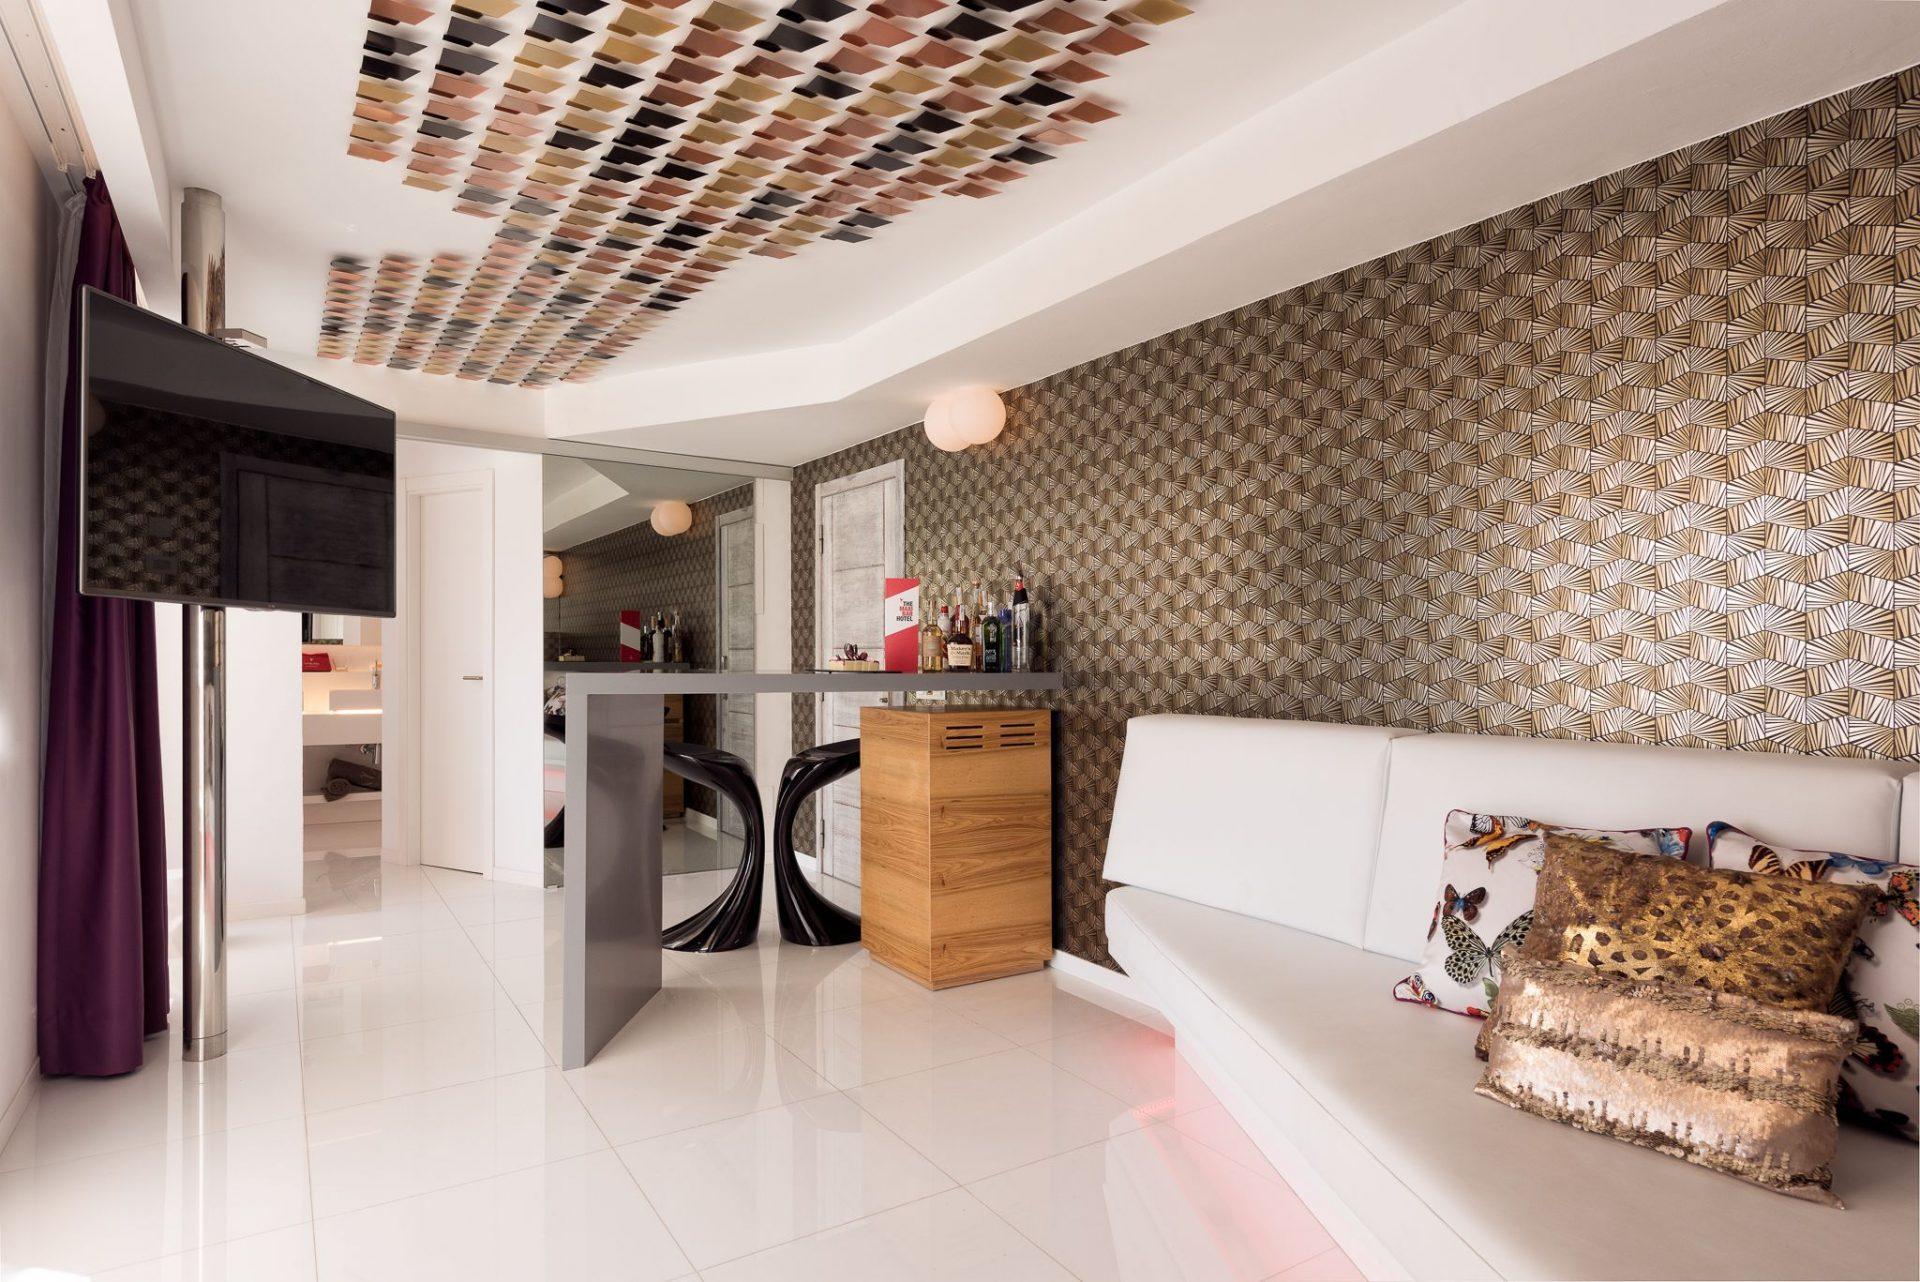 Ushuaia Hotel Ibiza BackStage Suite6